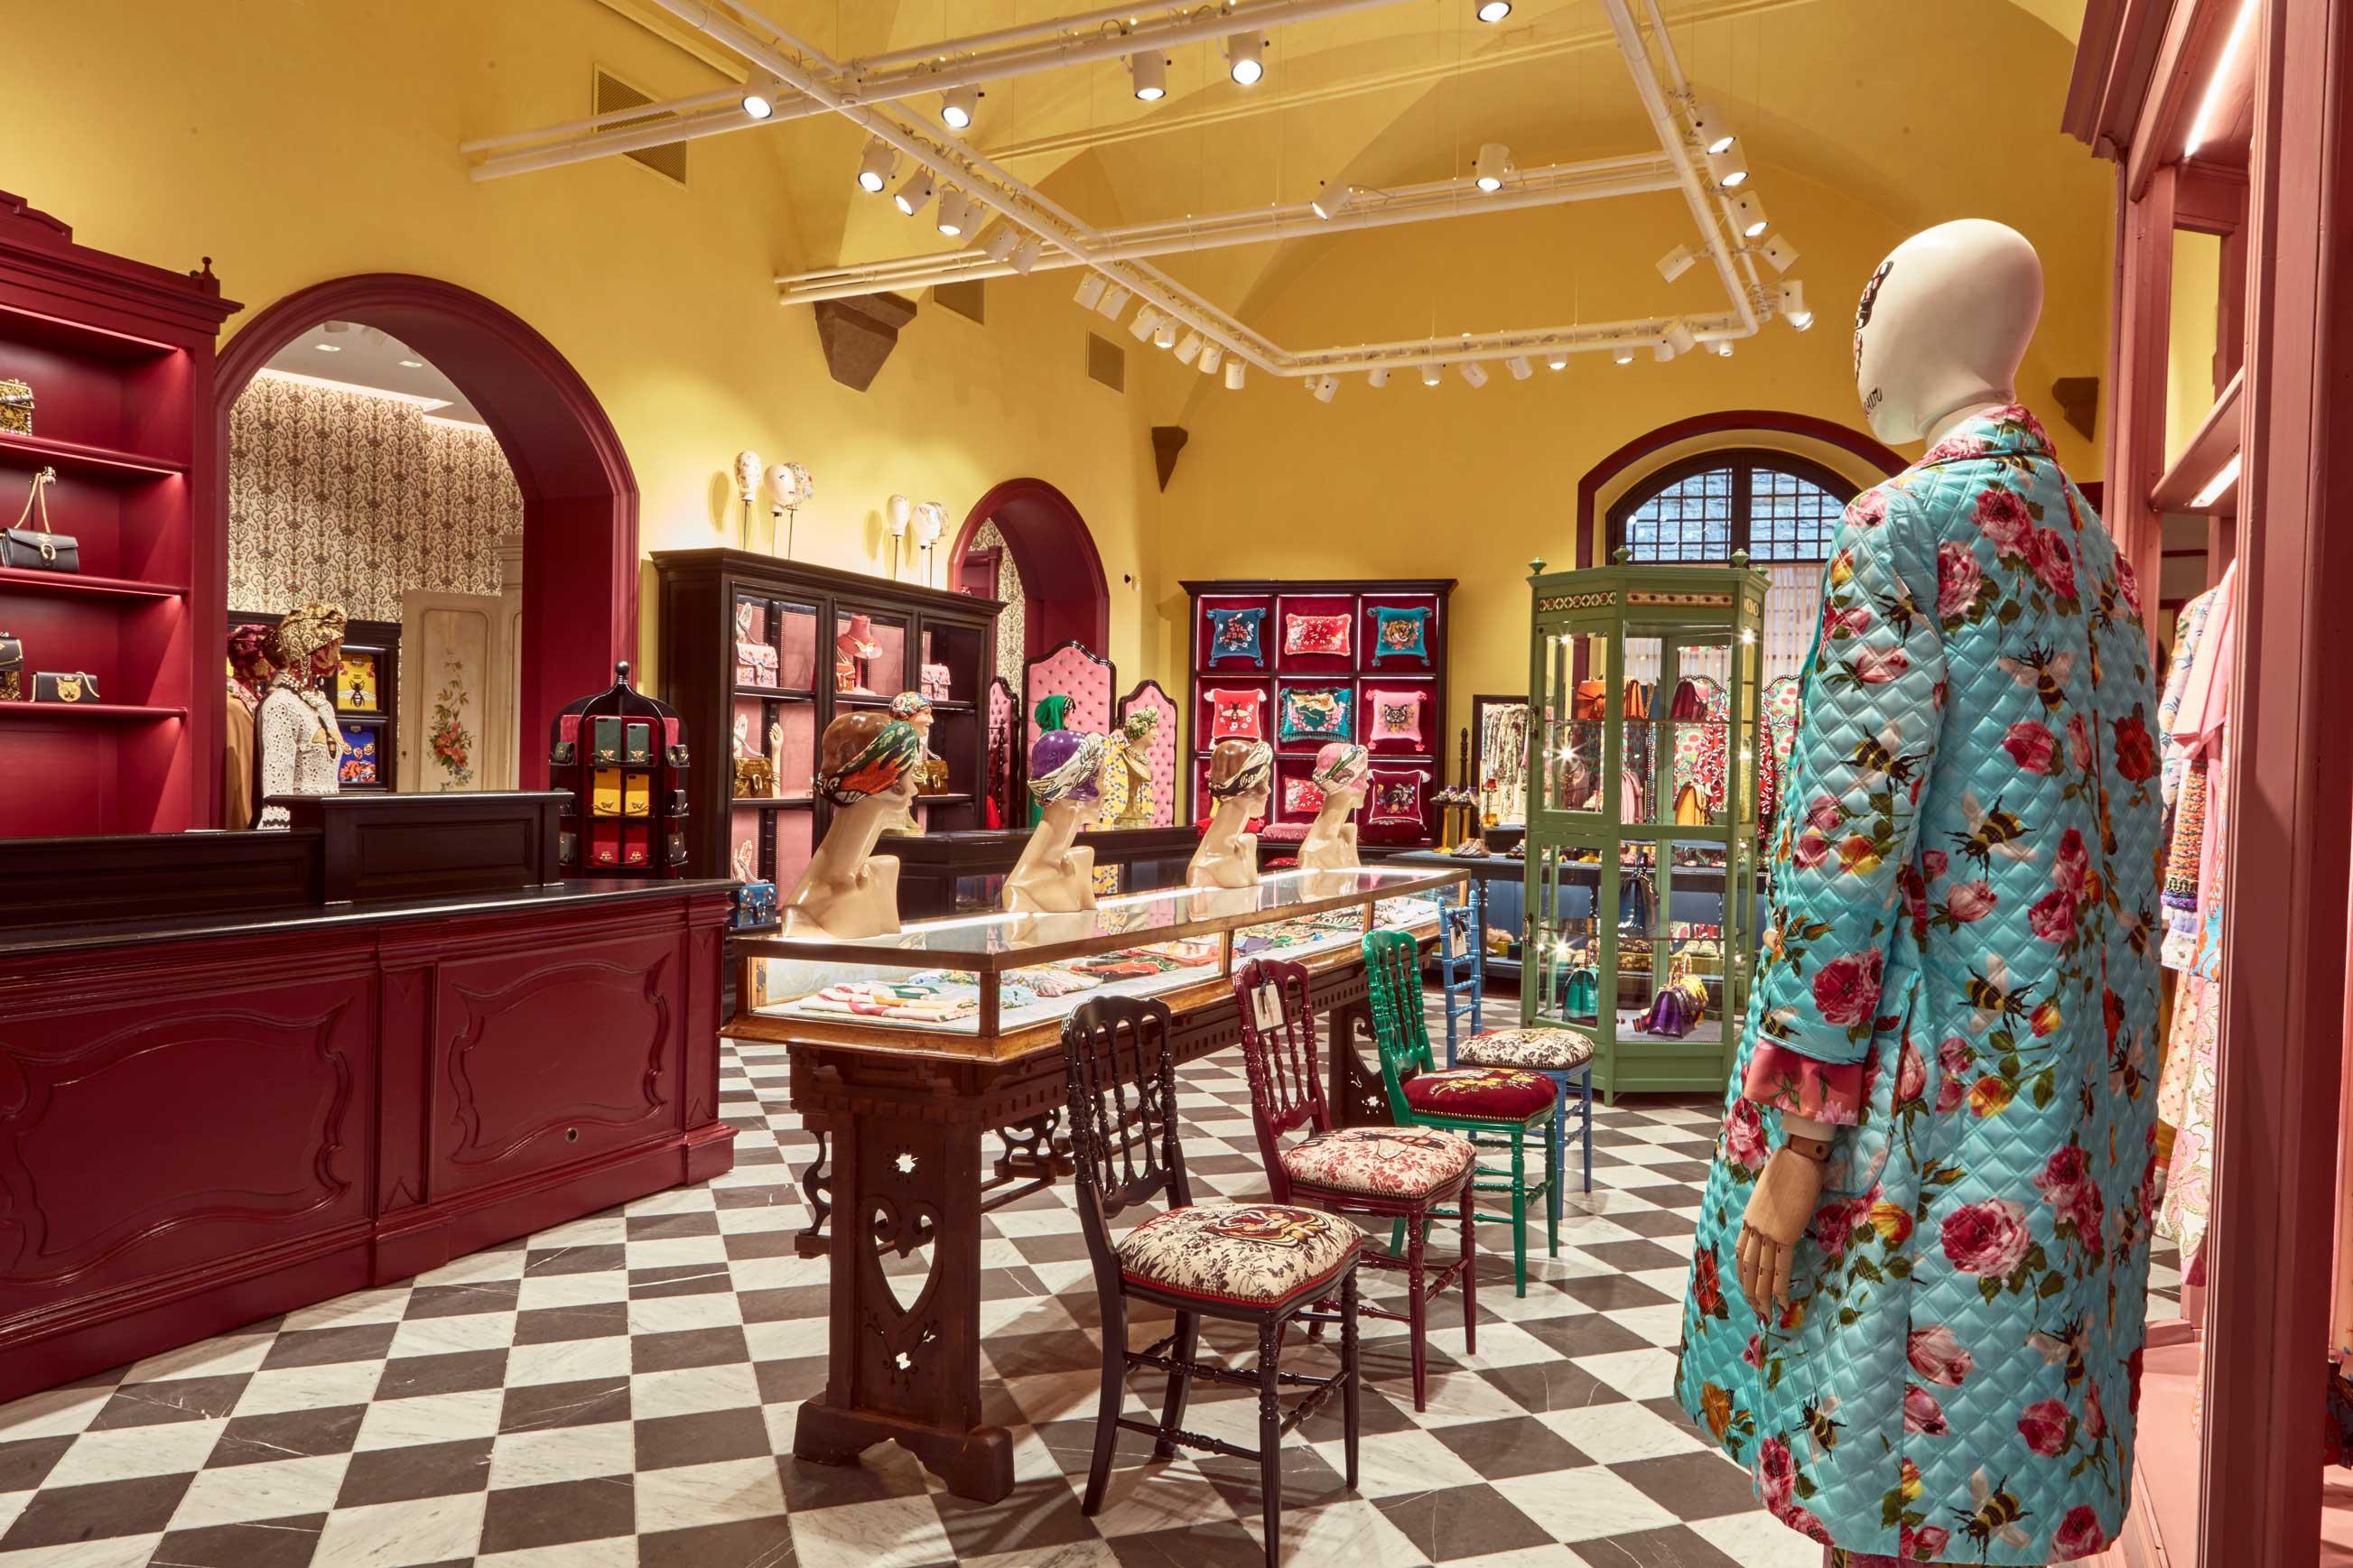 Vue du Gucci Garden, inauguré le 9 janvier 2018 à Florence par Alessandro Michele en marge du Pitti Uomo.